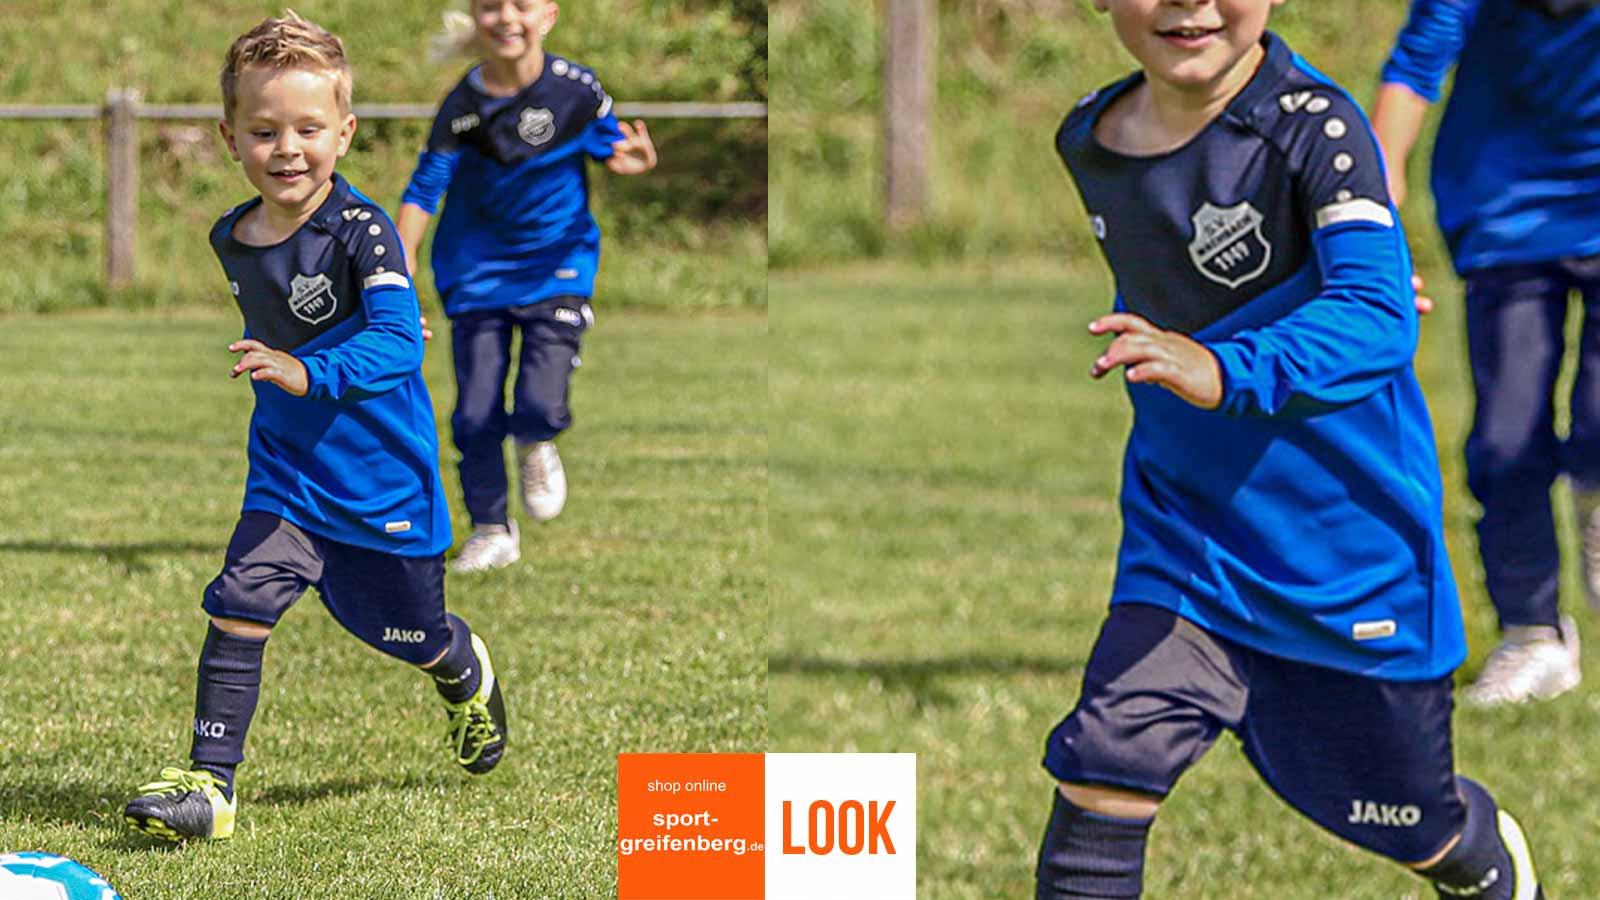 Jako Kinder Training Set blau